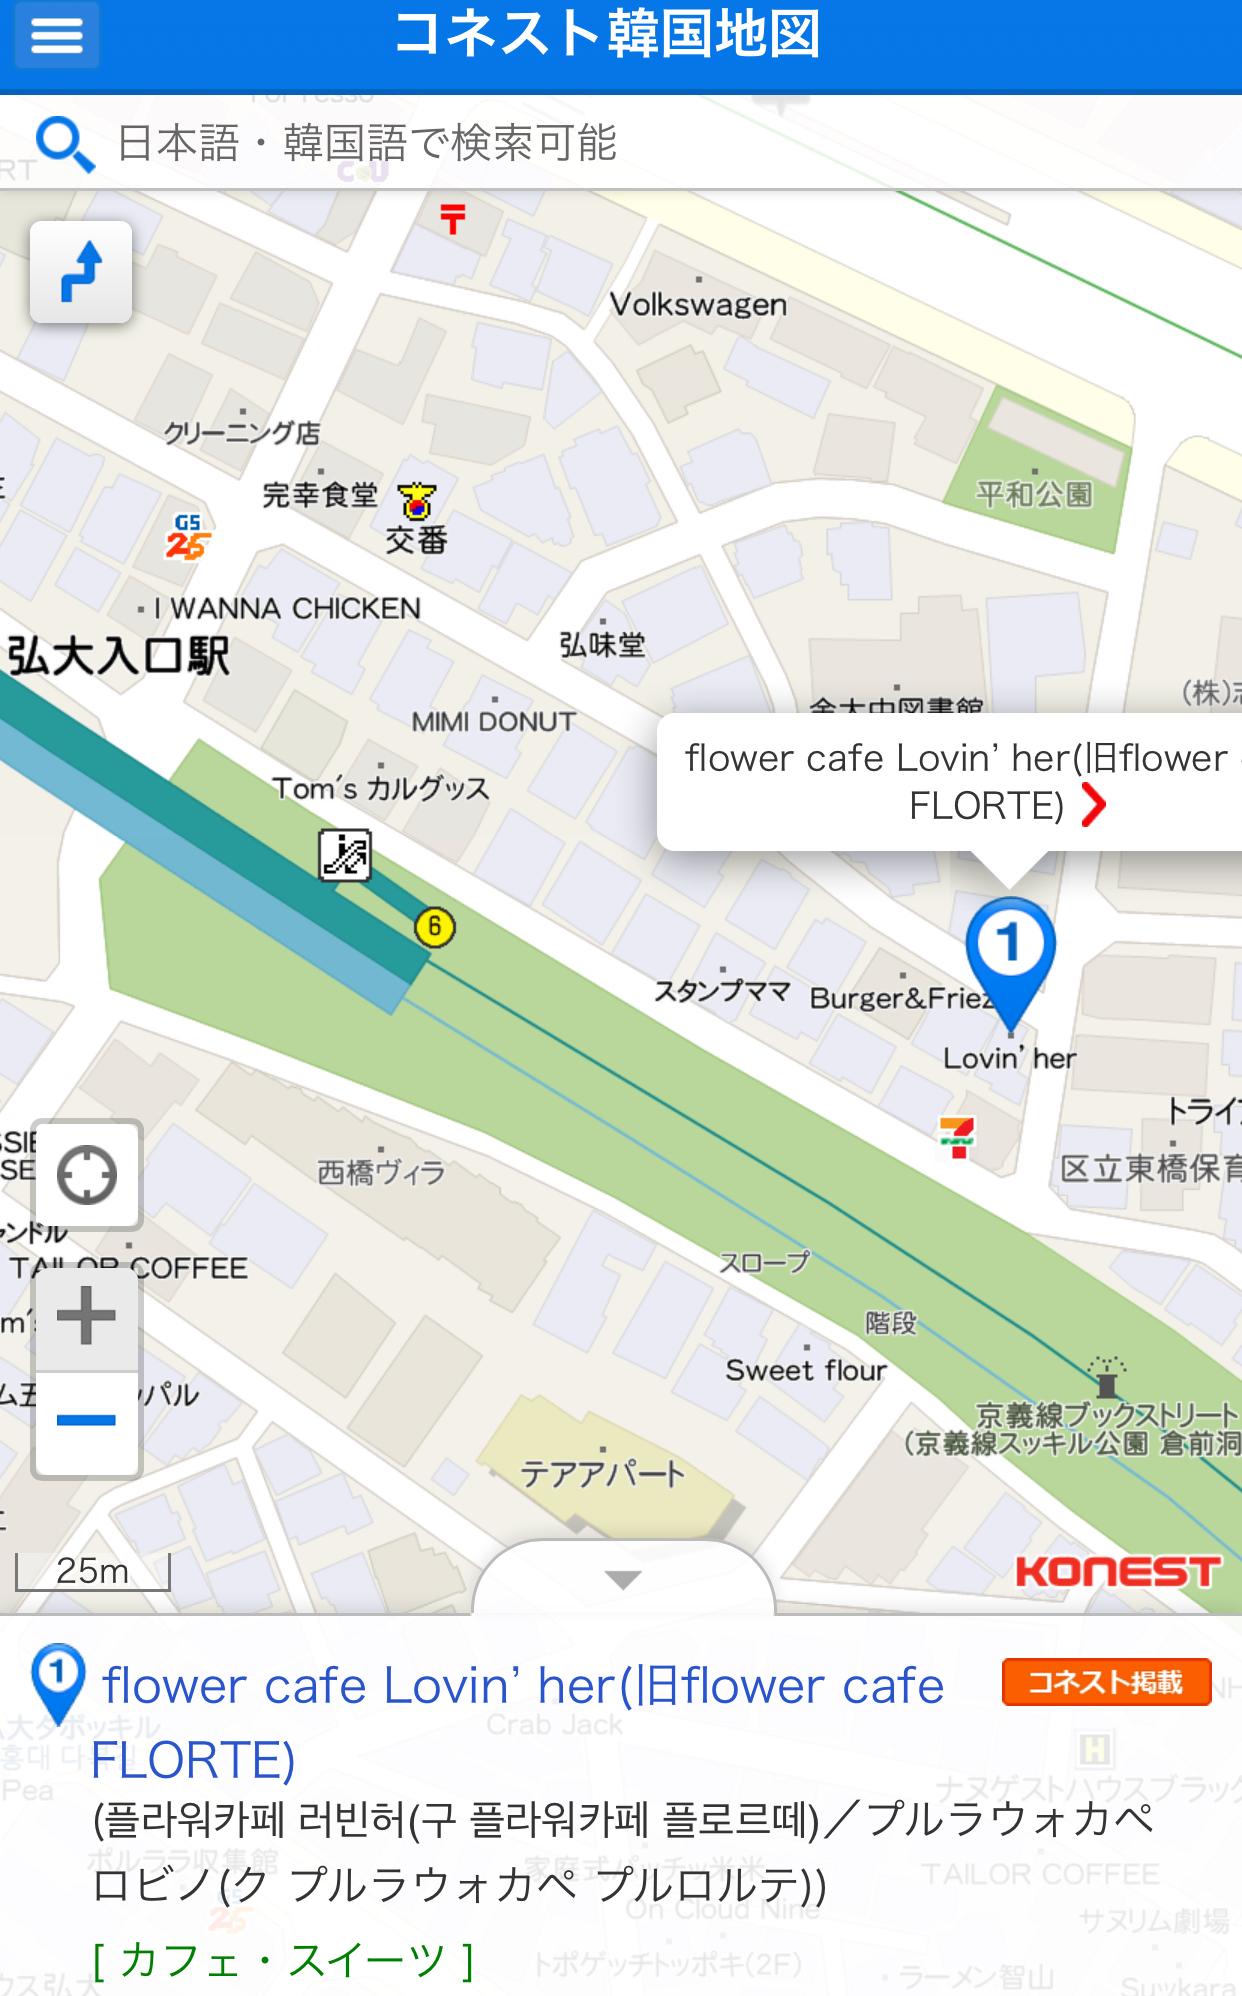 フラワーカフェ地図